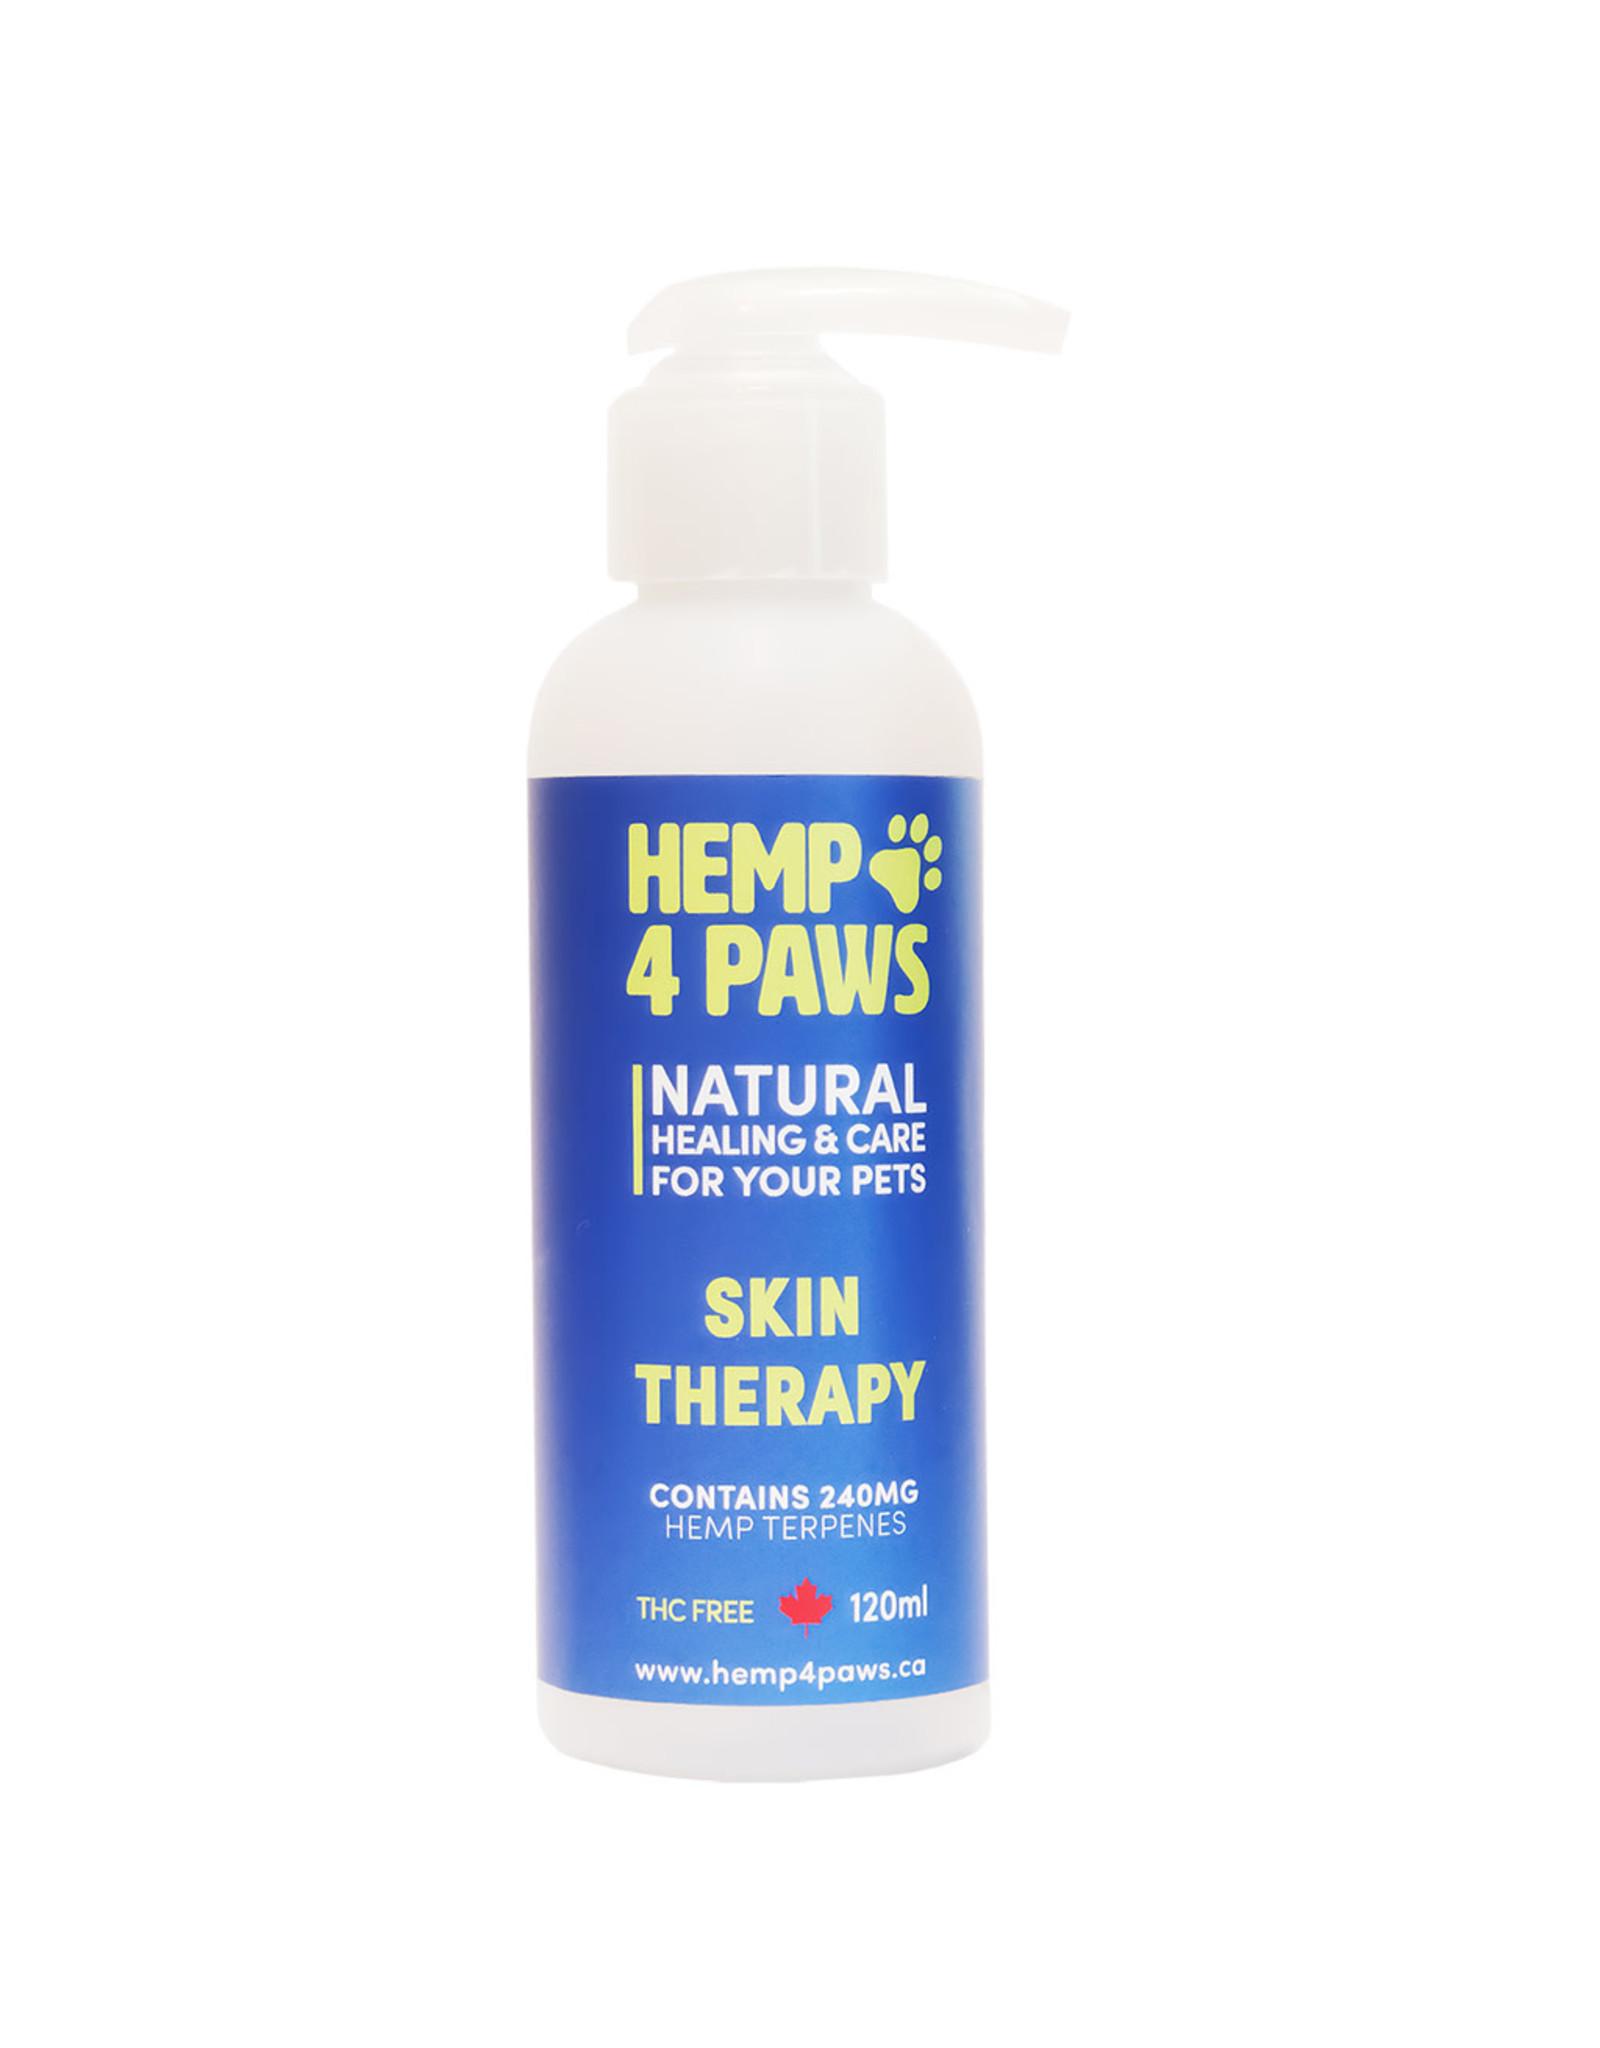 Hemp 4 Paws Hemp 4 Paws Skin Therapy 240MG/120ML